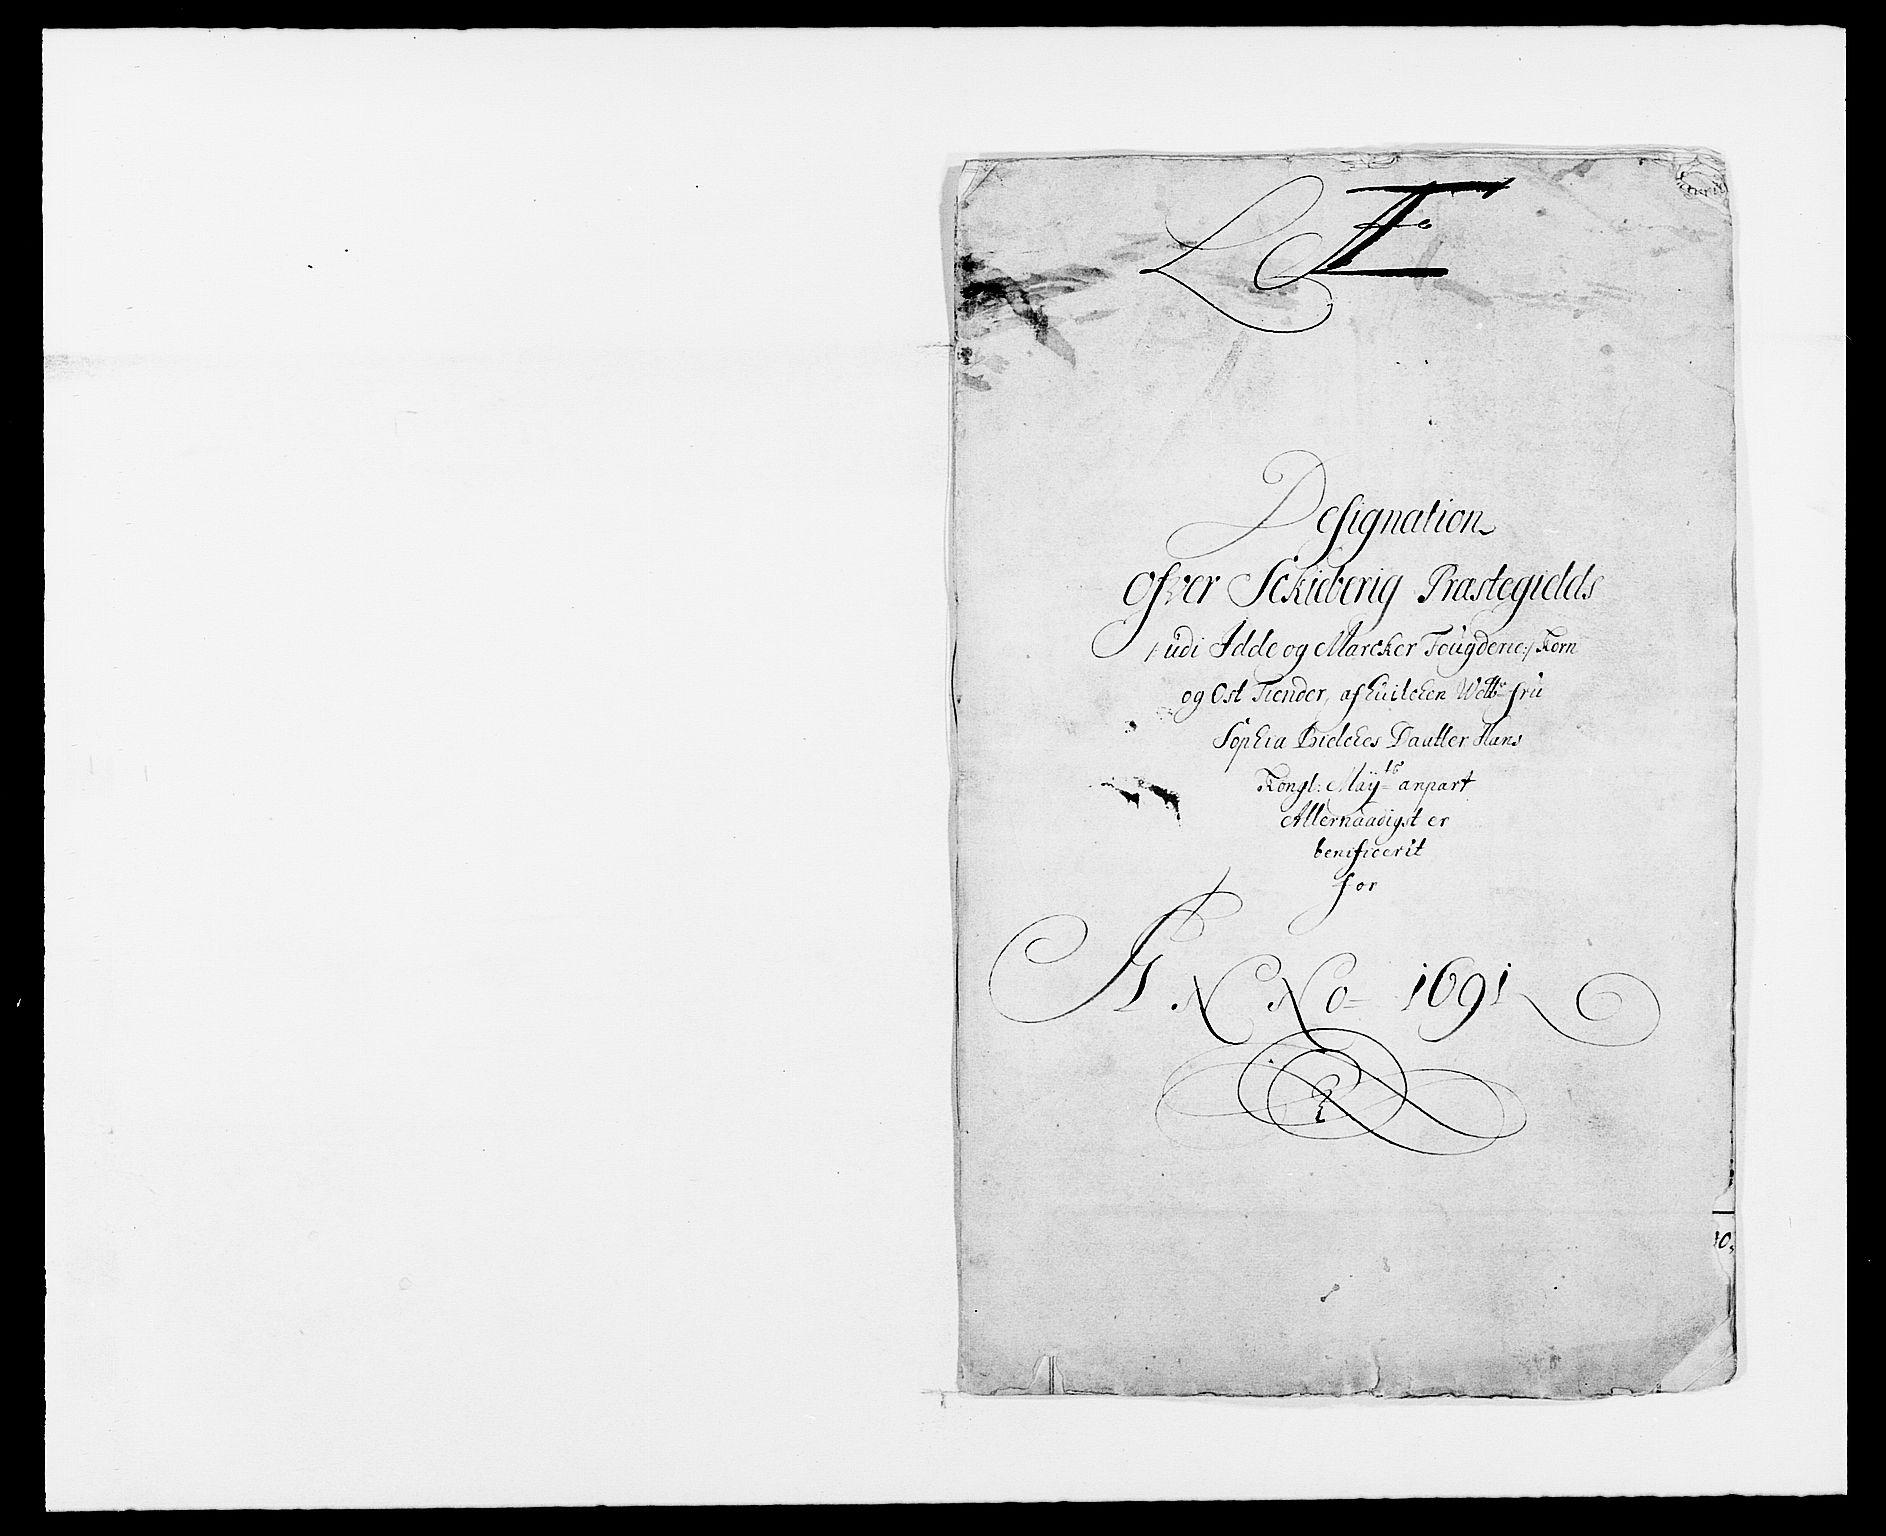 RA, Rentekammeret inntil 1814, Reviderte regnskaper, Fogderegnskap, R01/L0010: Fogderegnskap Idd og Marker, 1690-1691, s. 418